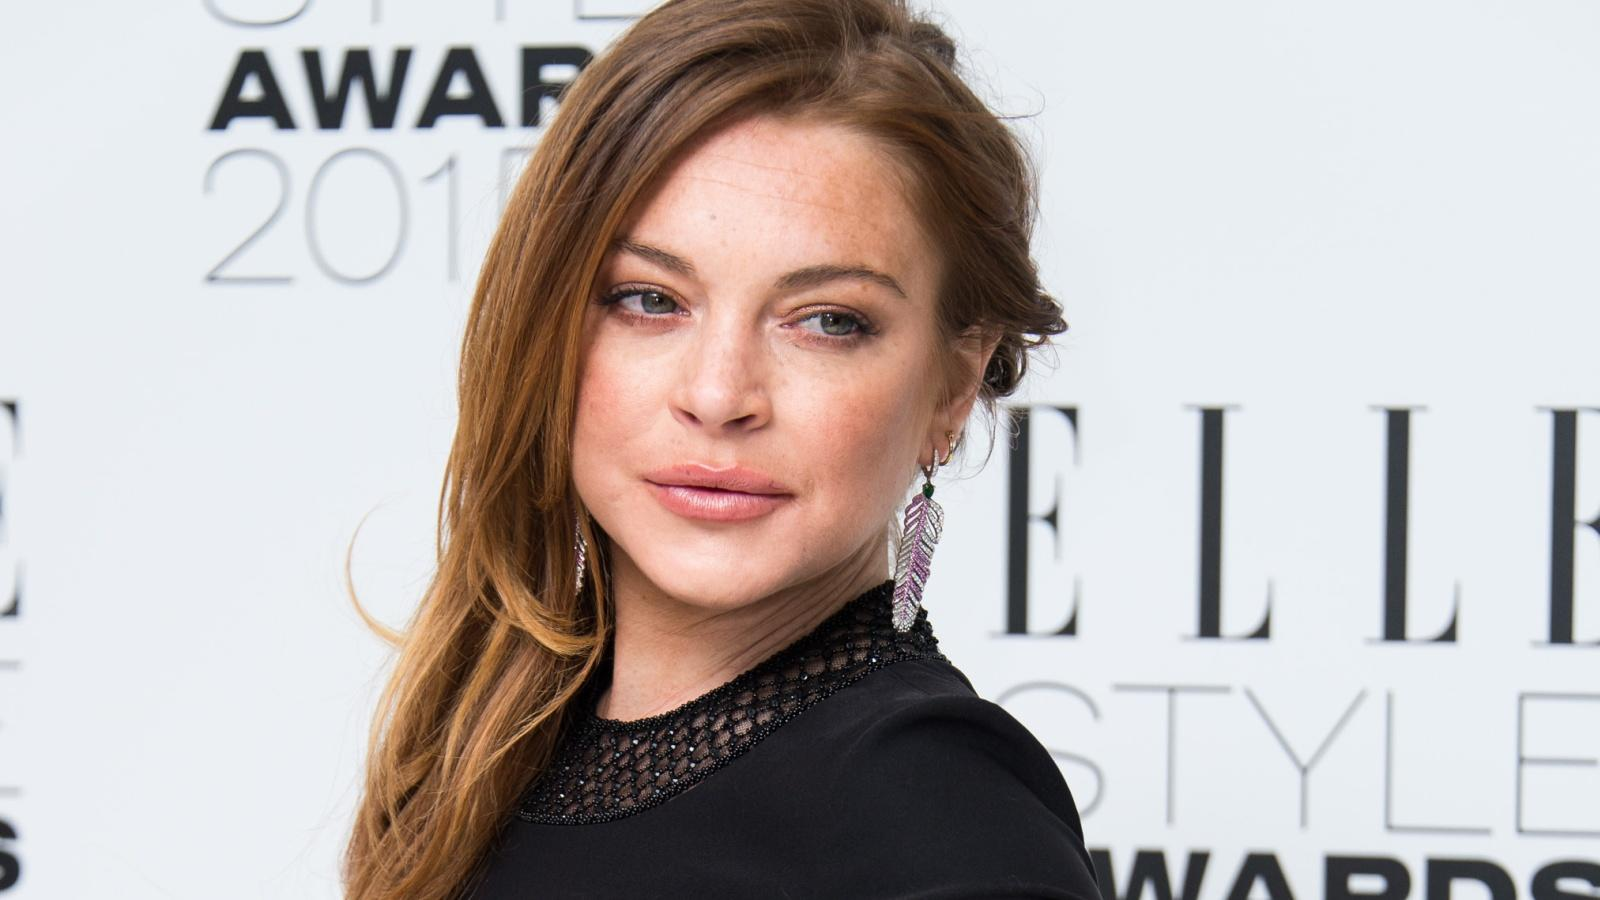 Lindsay aliasa ugyanaz, mint amit a Facebook oldalán használt: Bella Lovelace, amivel a híres pornós, Linda Lovelace nagysága előtt adózik. Egyszer Lindsay is majdnem eljátszotta őt, de aztán lecserélték...